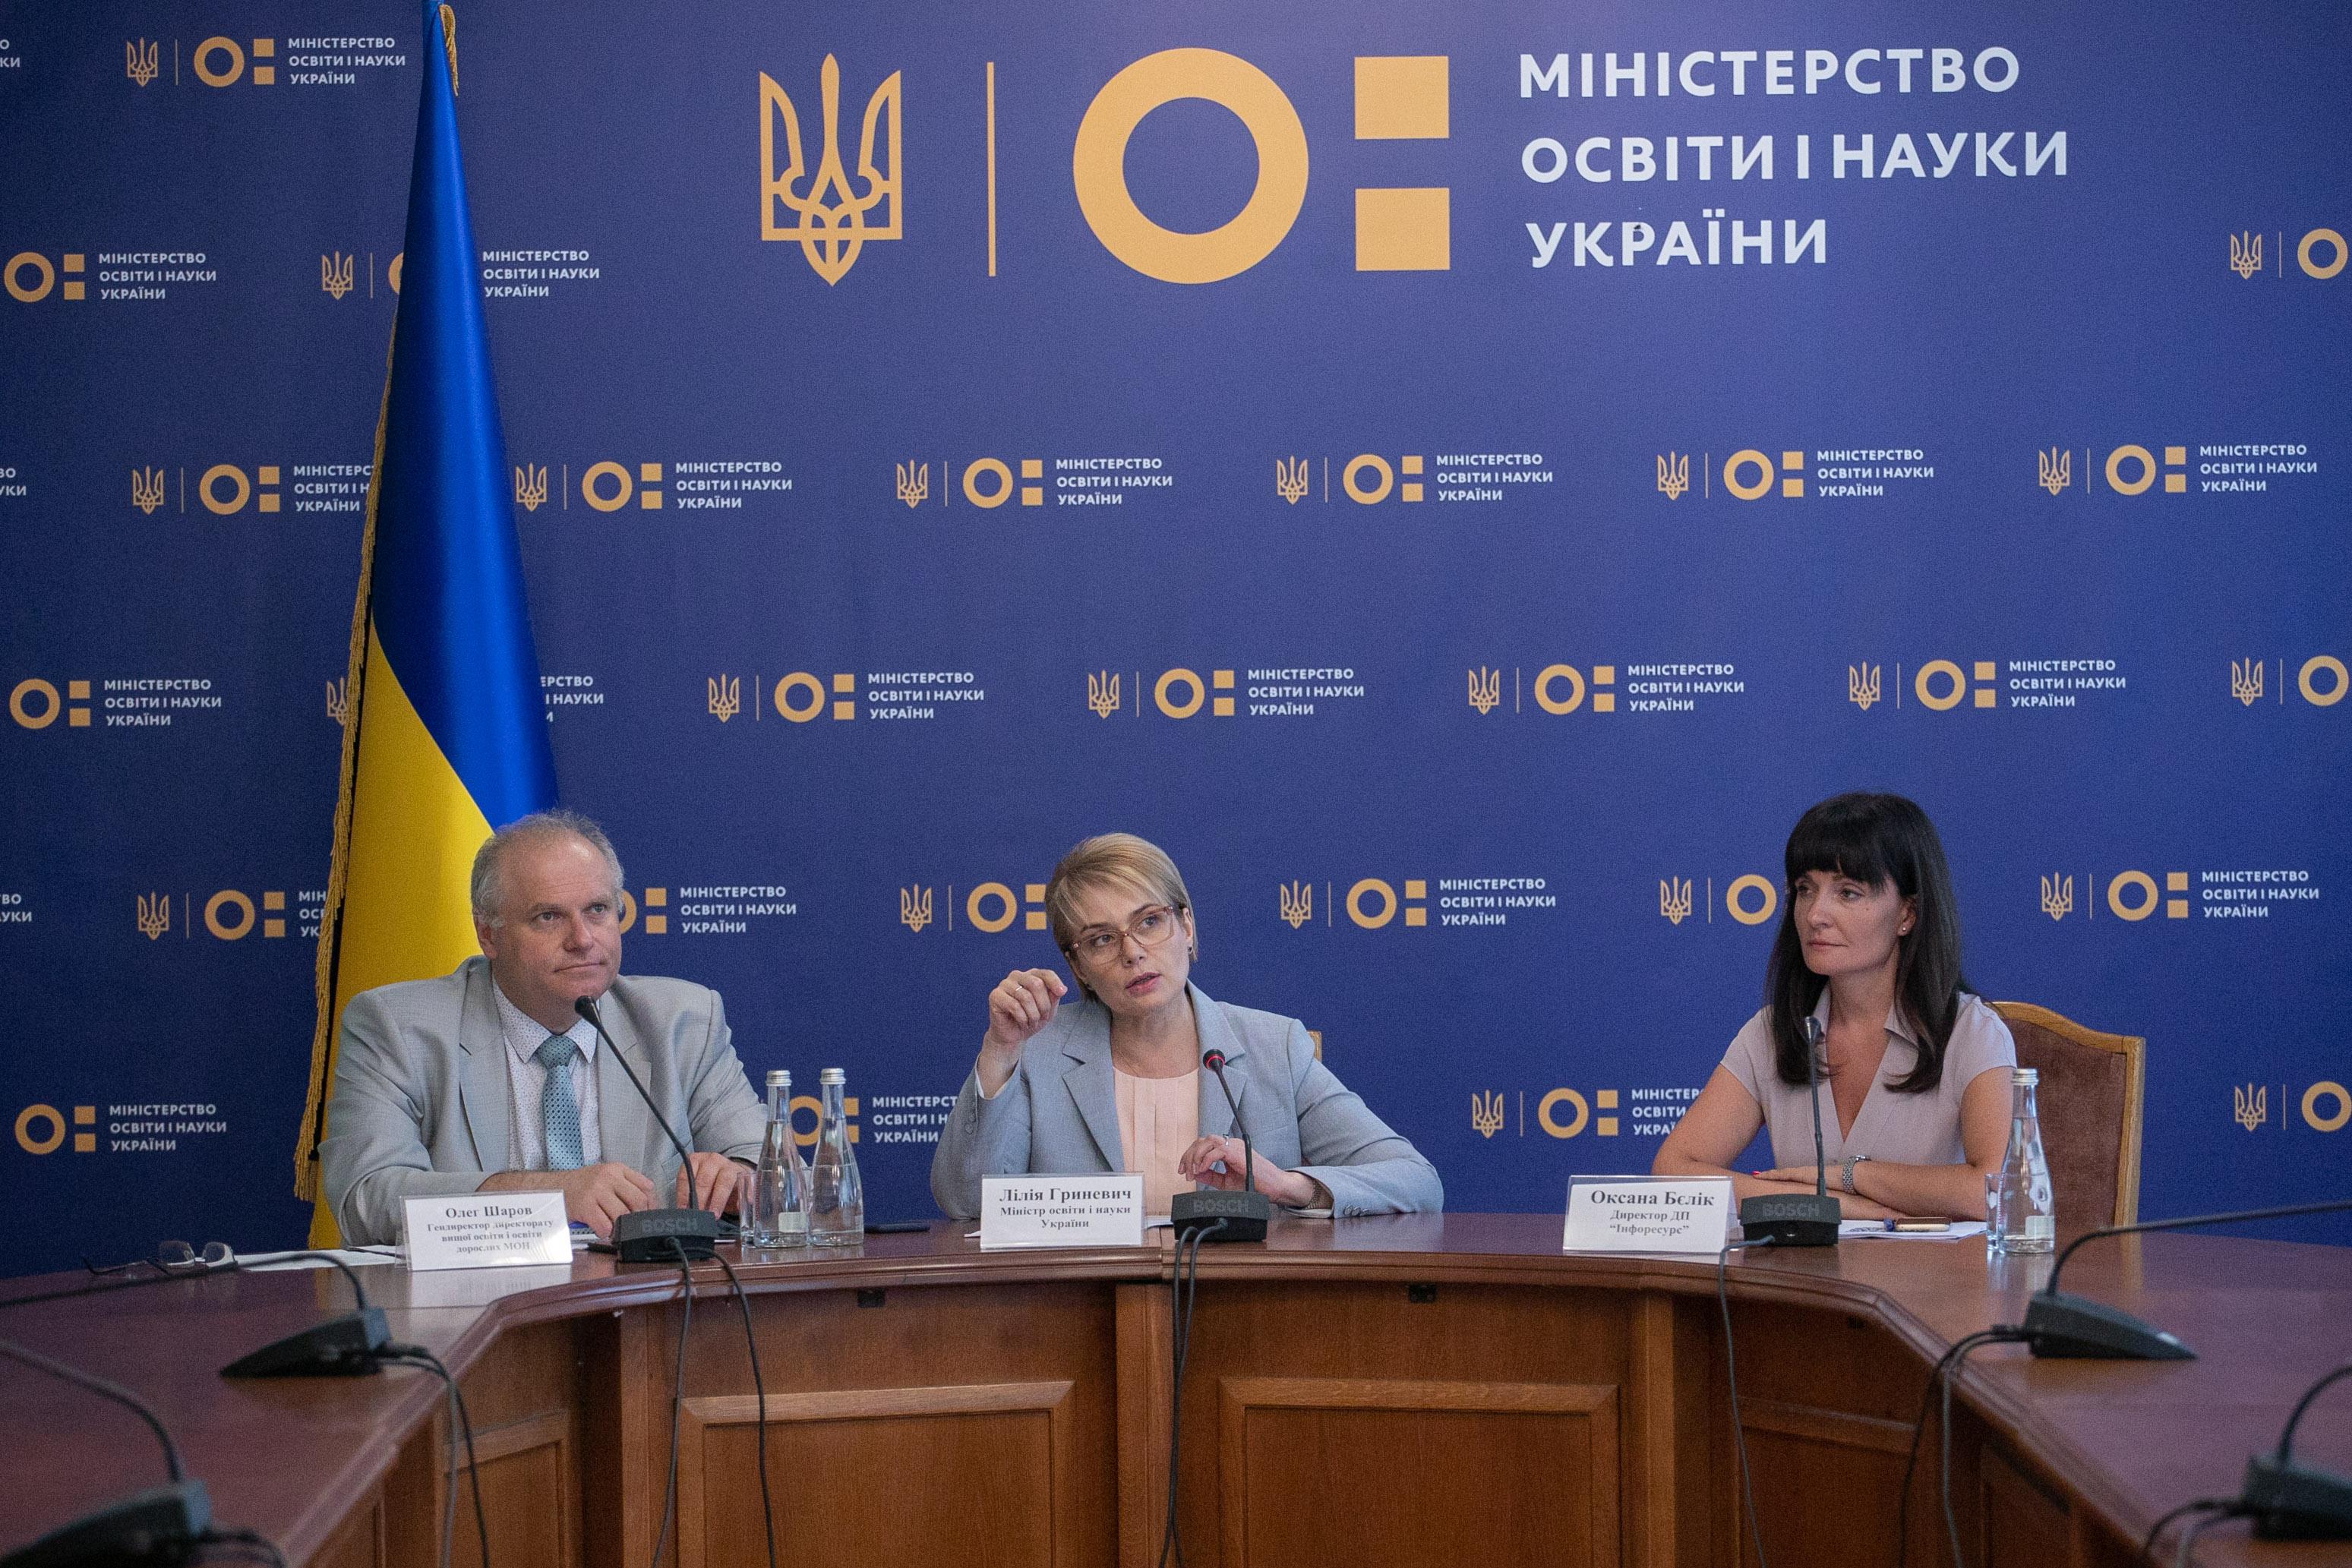 Пресконференція з нагоди початку вступної кампанії 2019 року (01.07.2019)